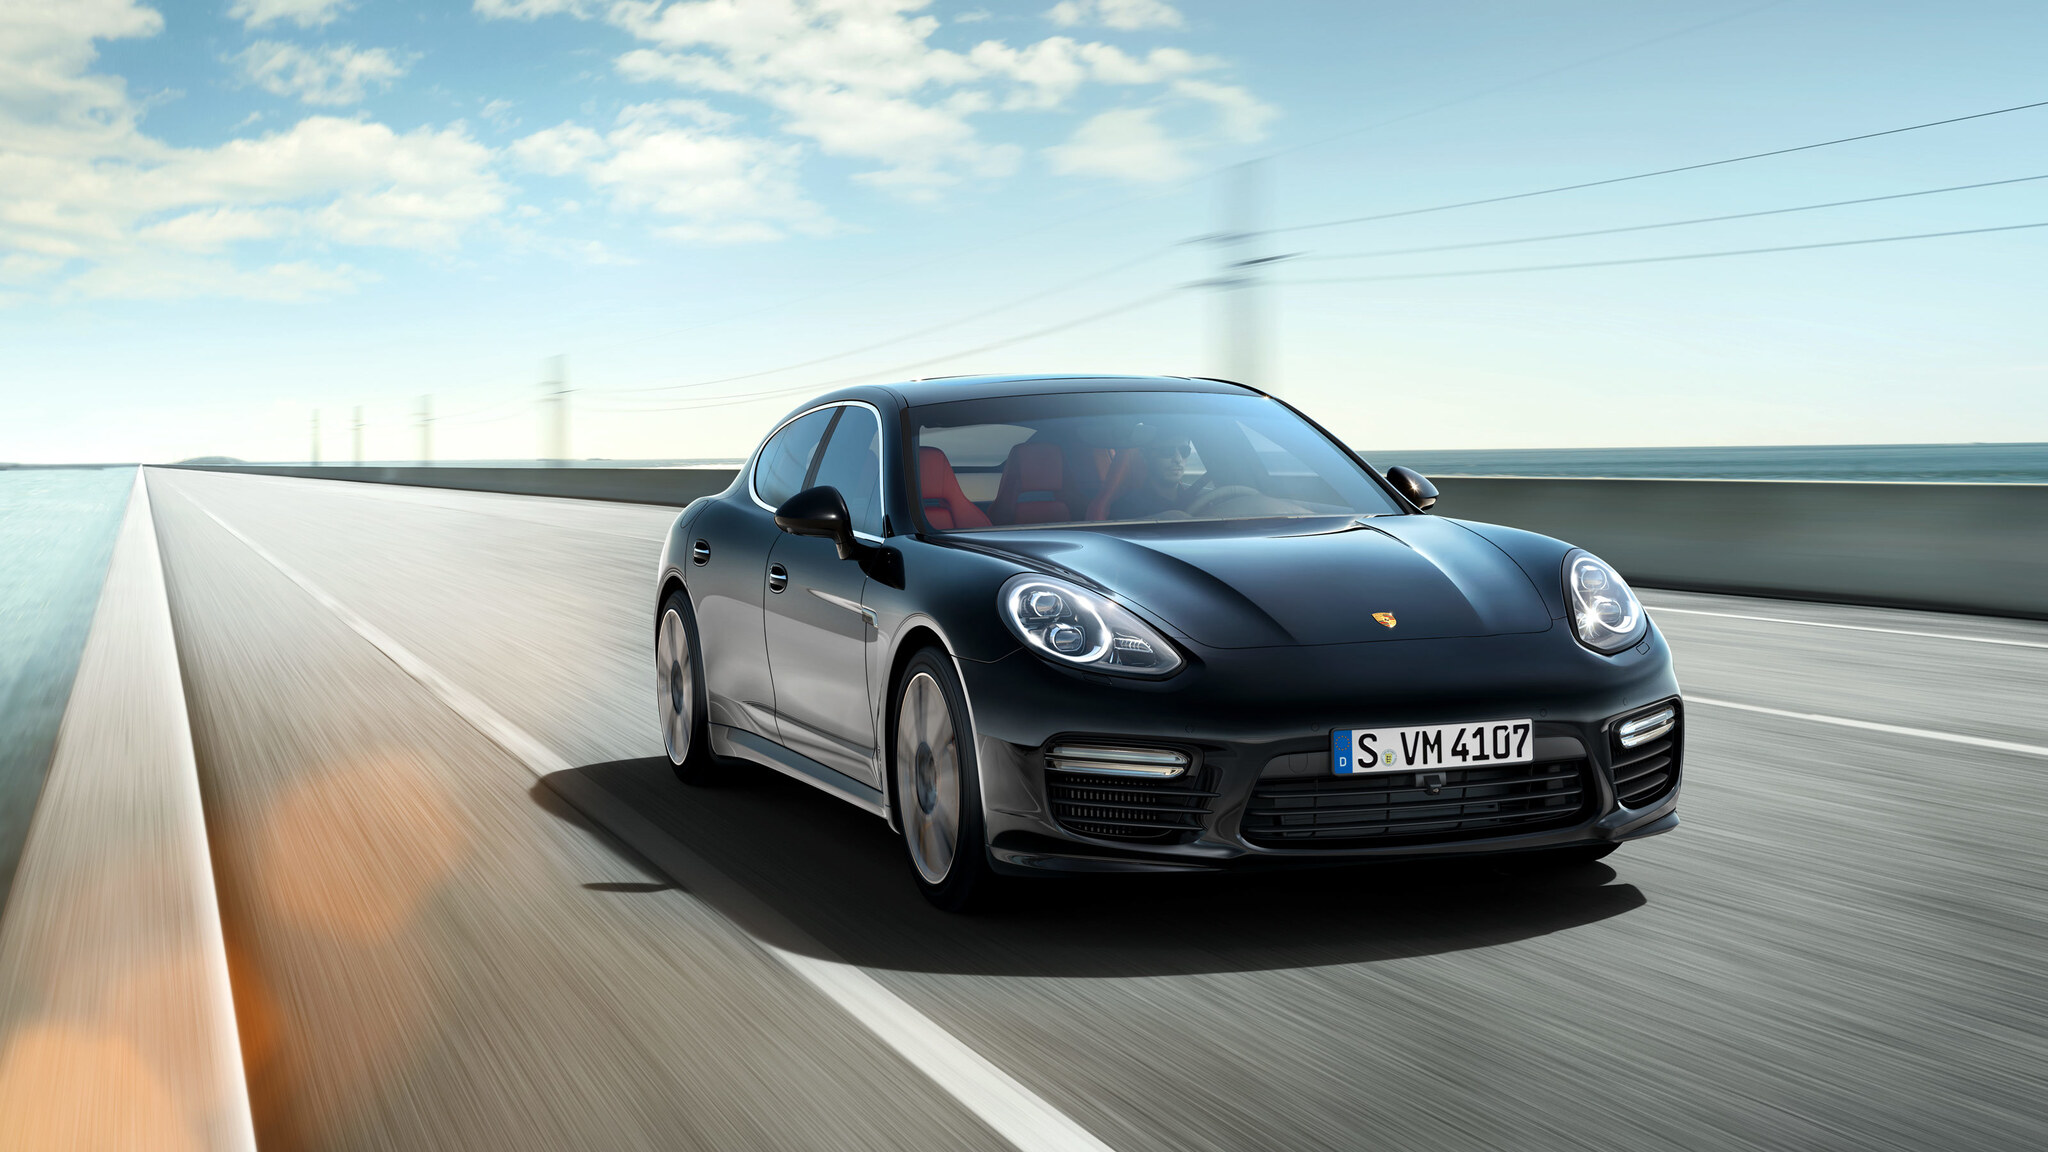 Porsche Panamera дорога скорость загрузить